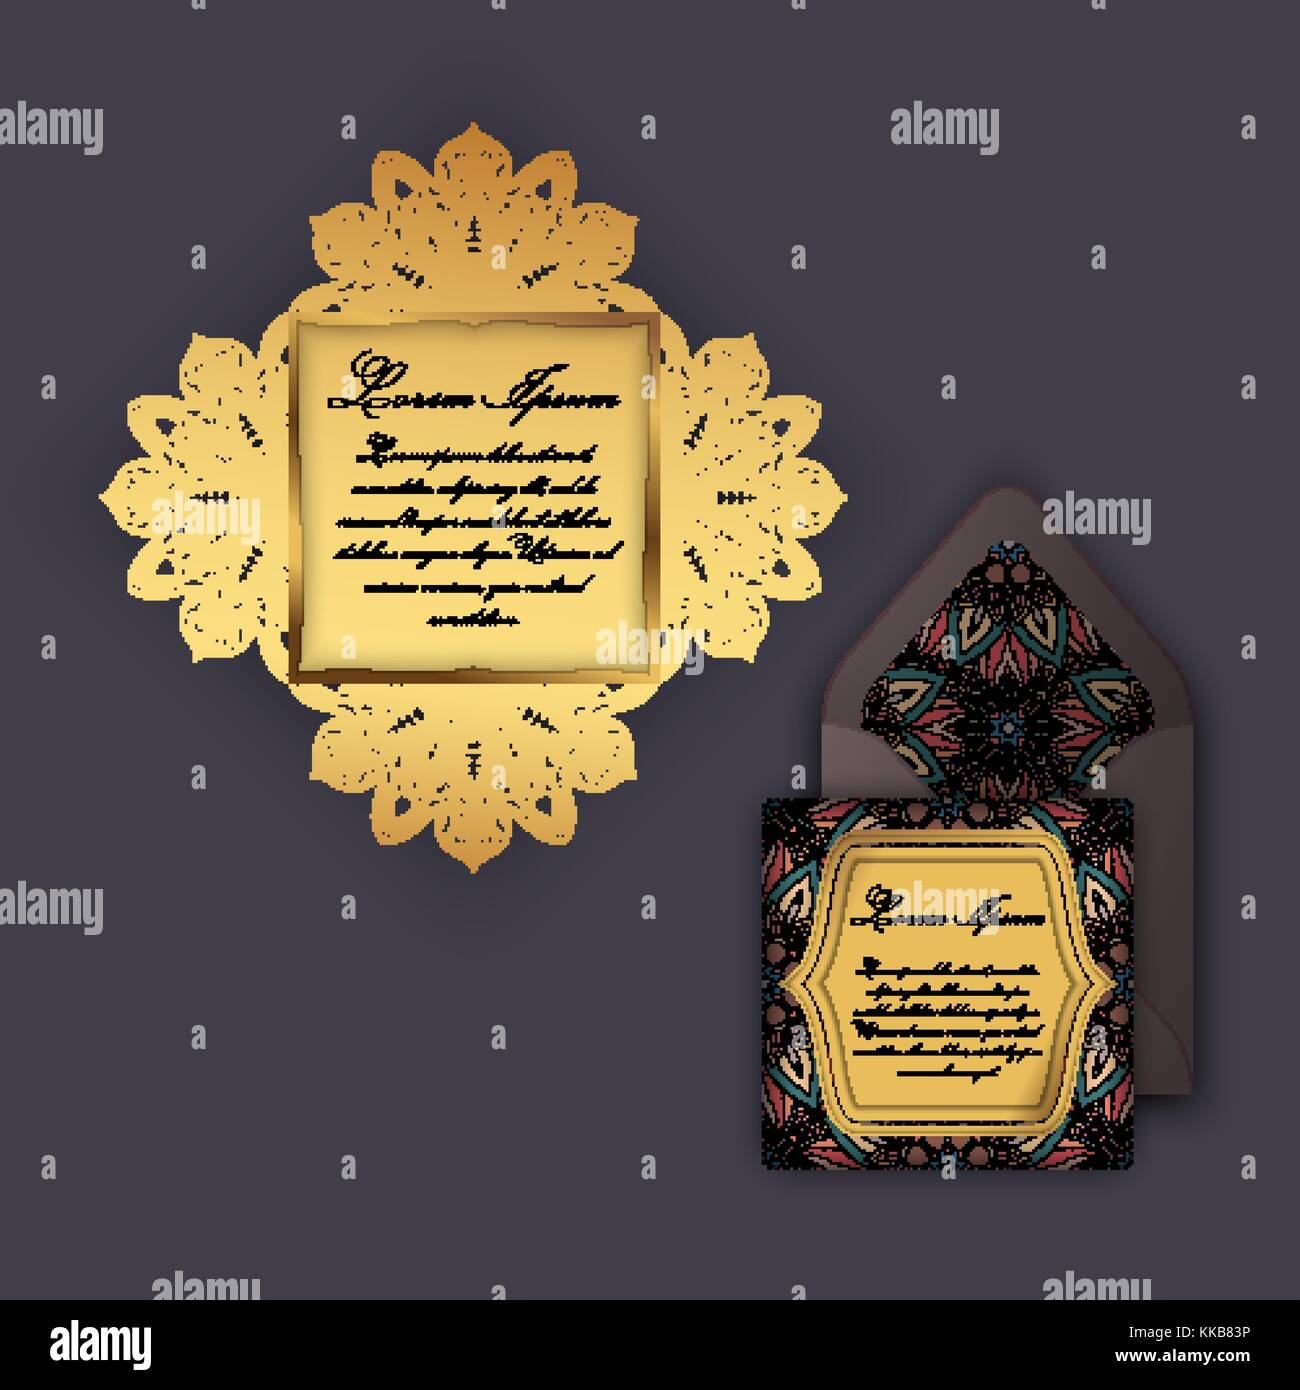 Hochzeit Einladung Oder Grußkarte Mit Vintage Floralen Ornament. Papier  Spitze Umschlag Vorlage, Mock Up Für Laserschneiden. Vector Illustration.